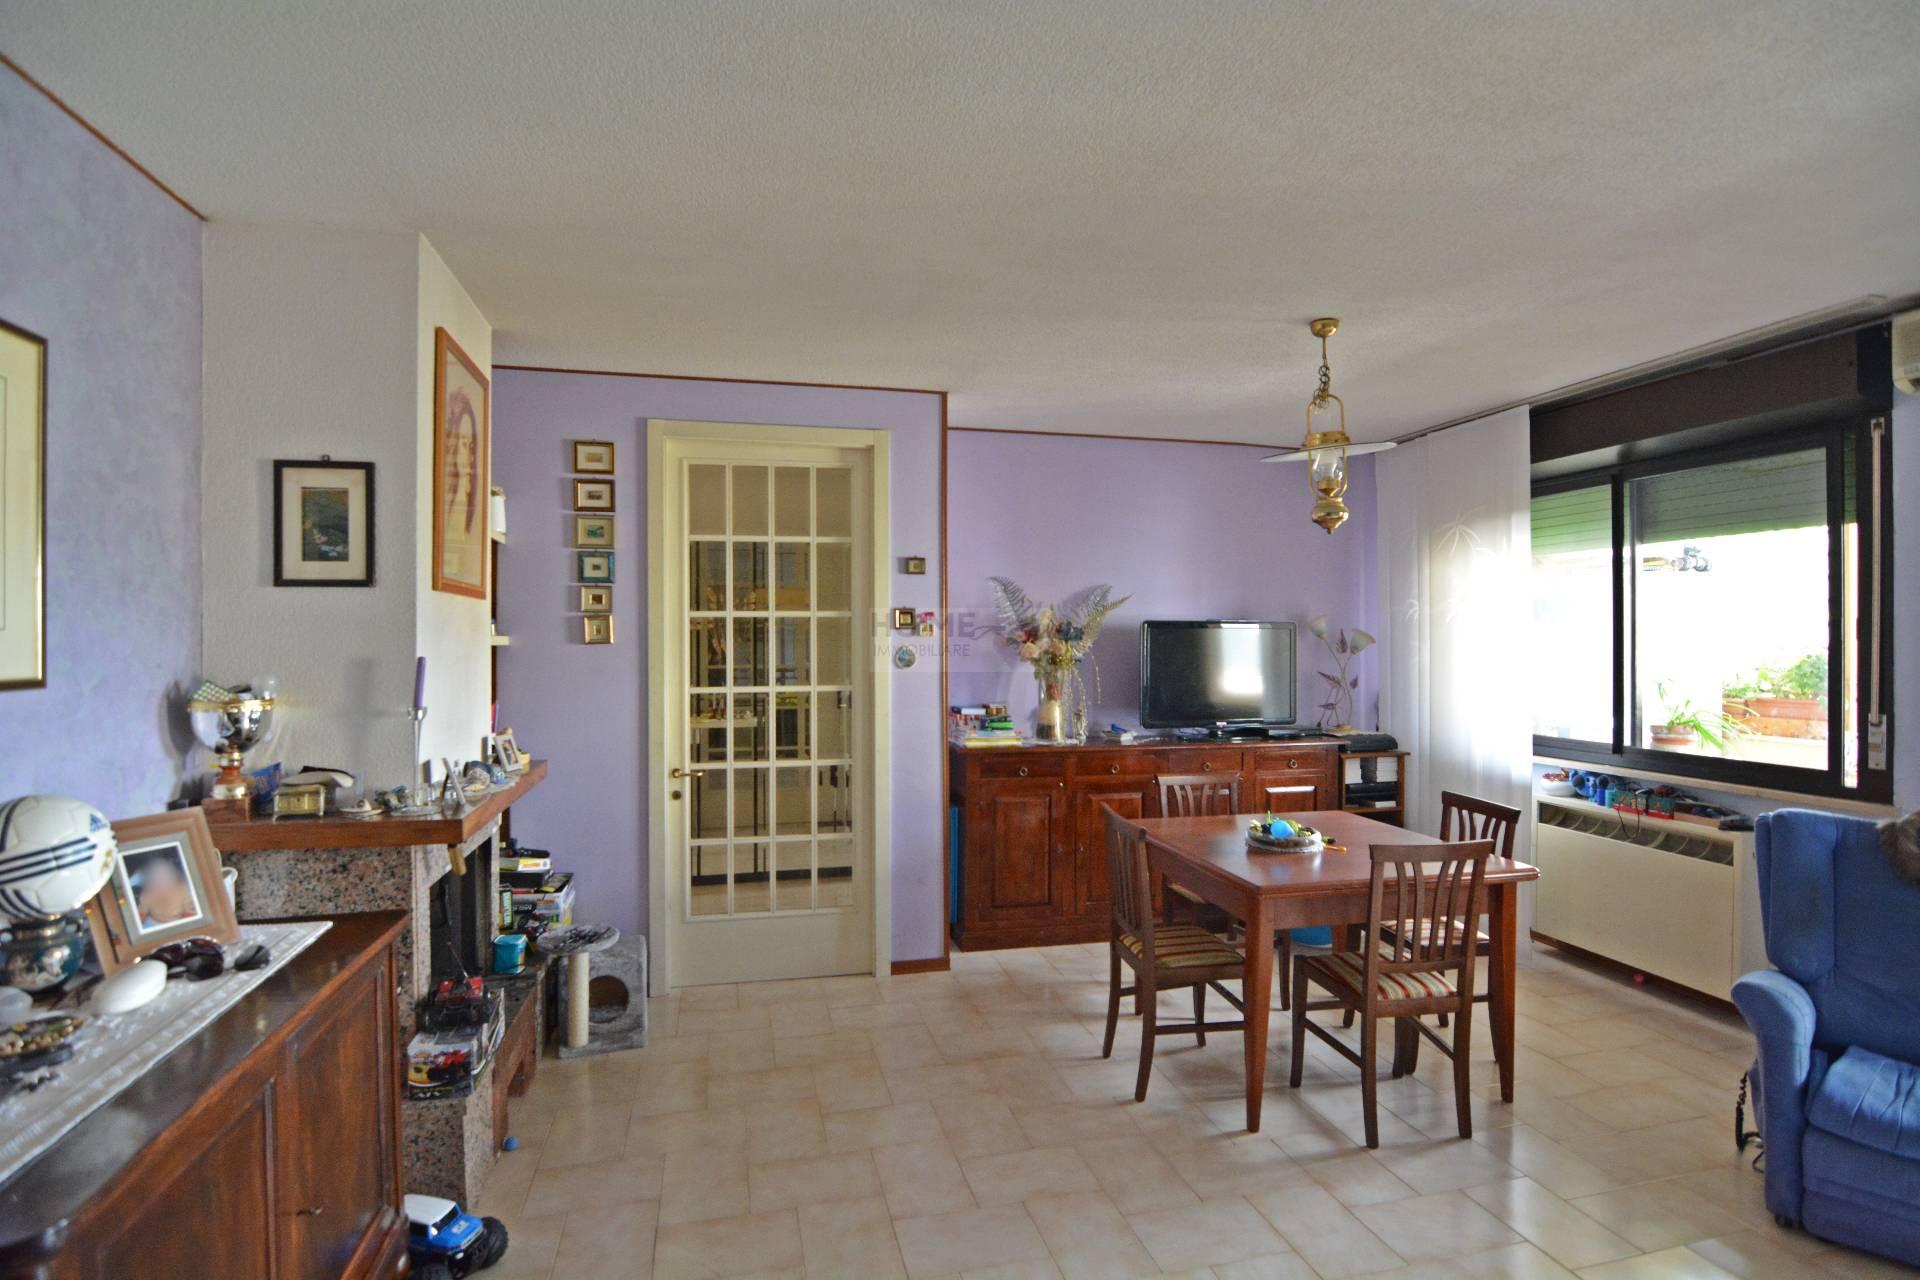 Appartamento in vendita a Macerata, 7 locali, zona Località: zonaCollevario, prezzo € 140.000 | Cambio Casa.it